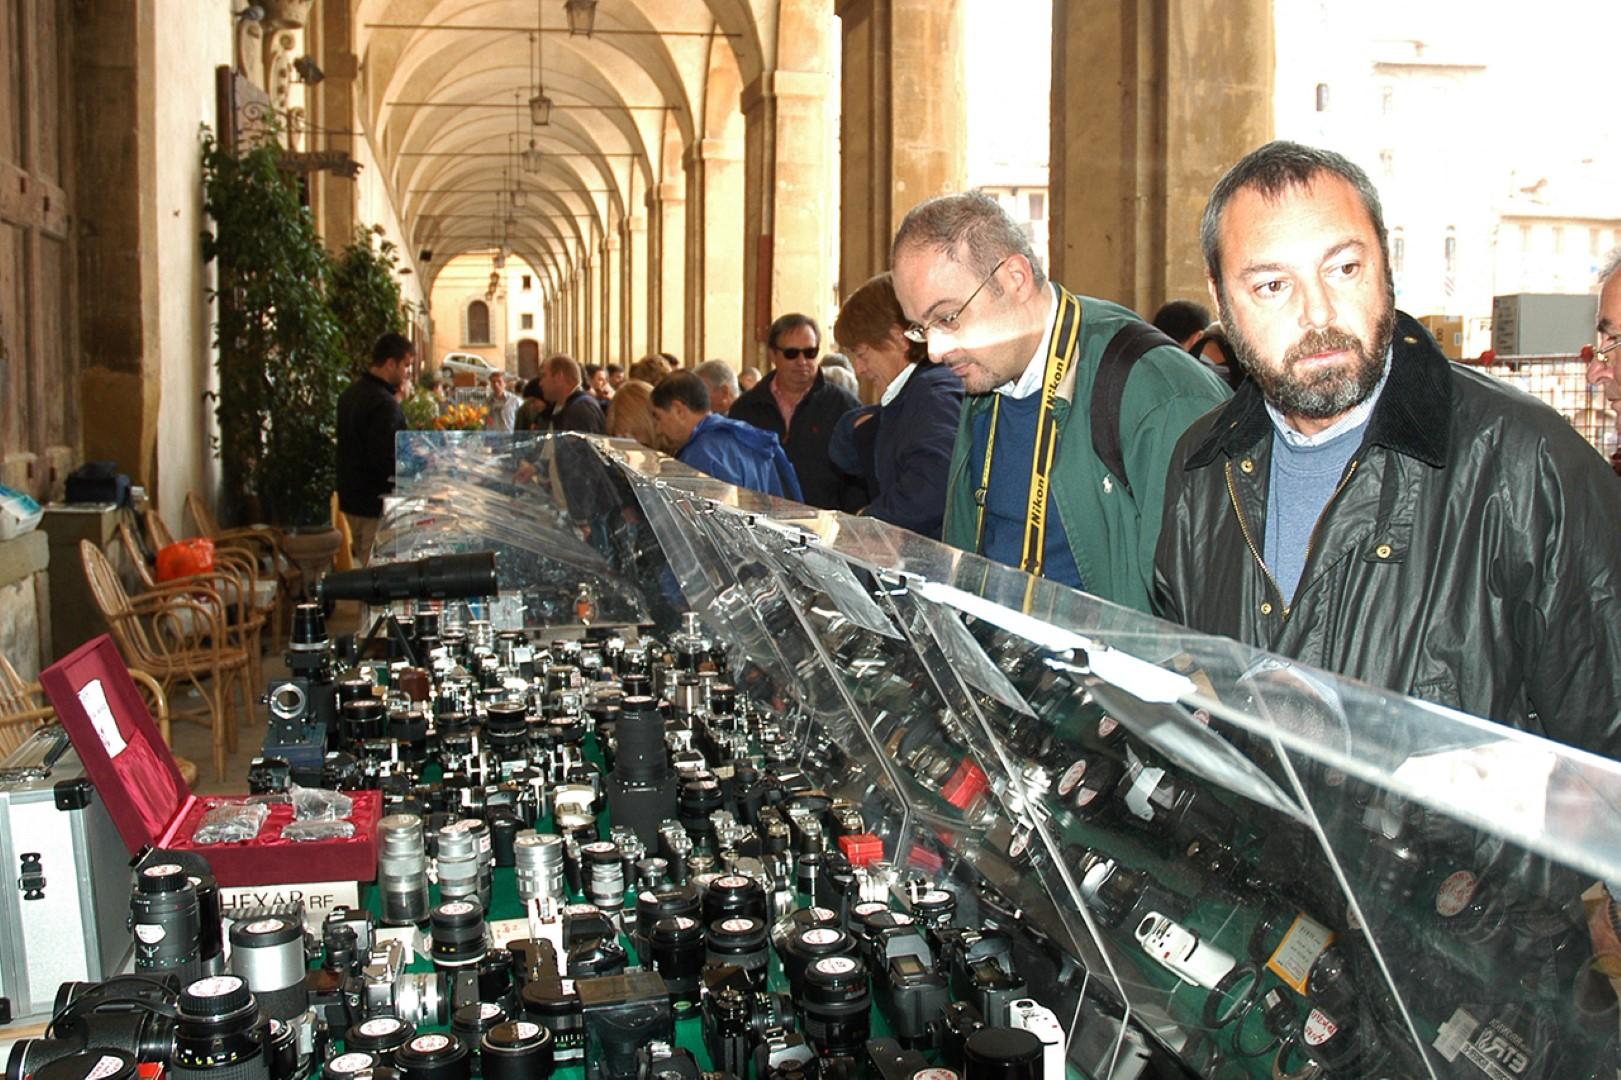 Foto Antiquaria: Arezzo capitale della fotografia d'epoca